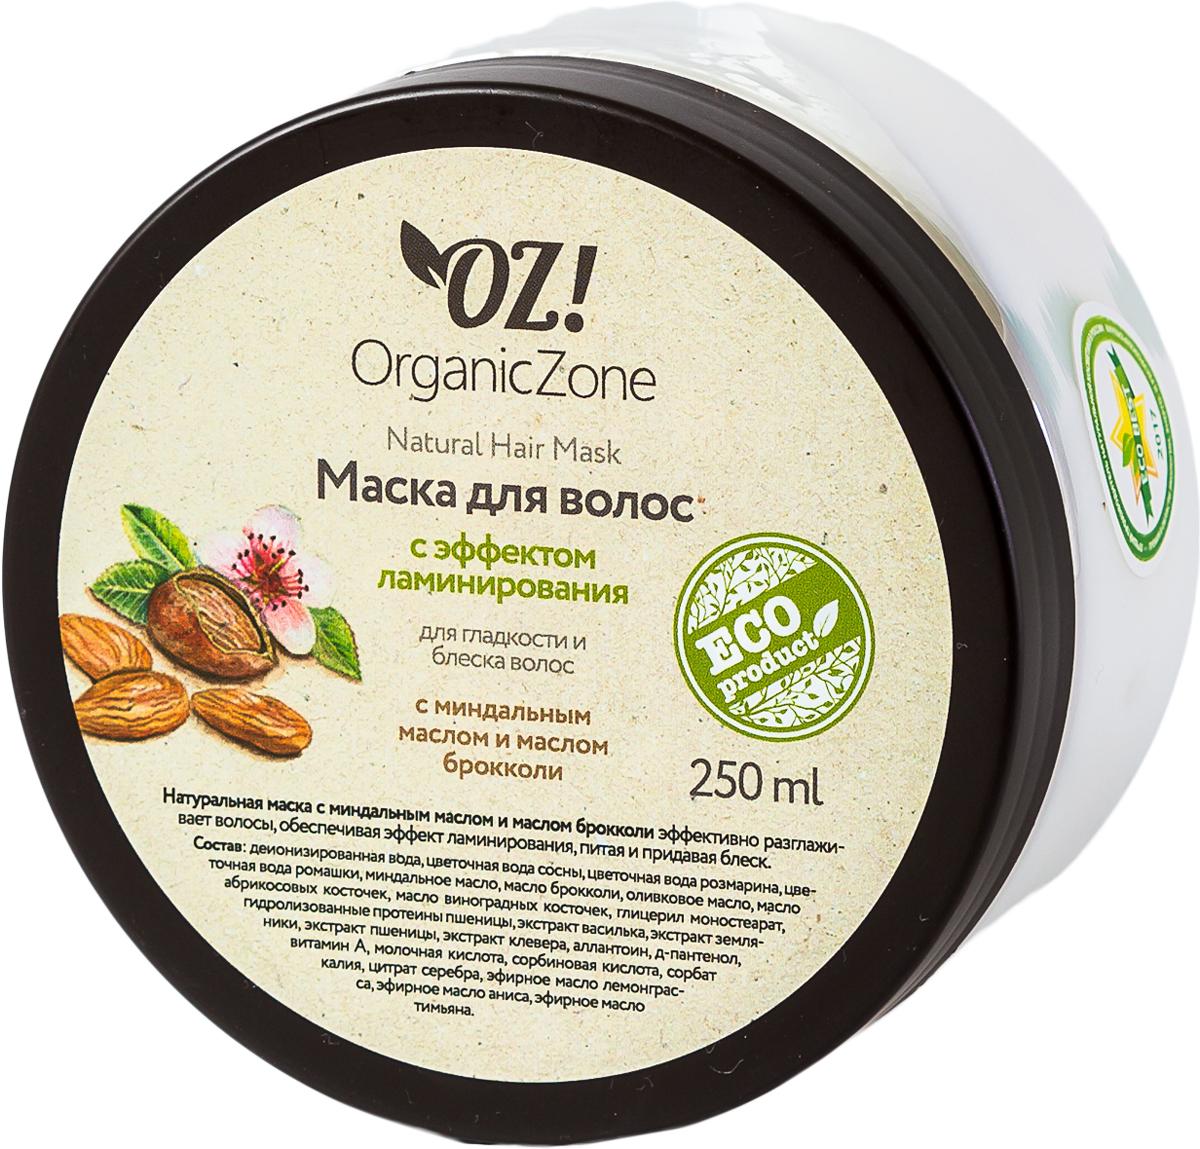 OrganicZone Маска для блеска и гладкости волос С эффектом ламинирования, 250 мл4665301124396Натуральная маска с миндальным маслом и маслом брокколи эффективно разглаживает волосы, обеспечивая эффект ламинирования, питая и придавая блеск.